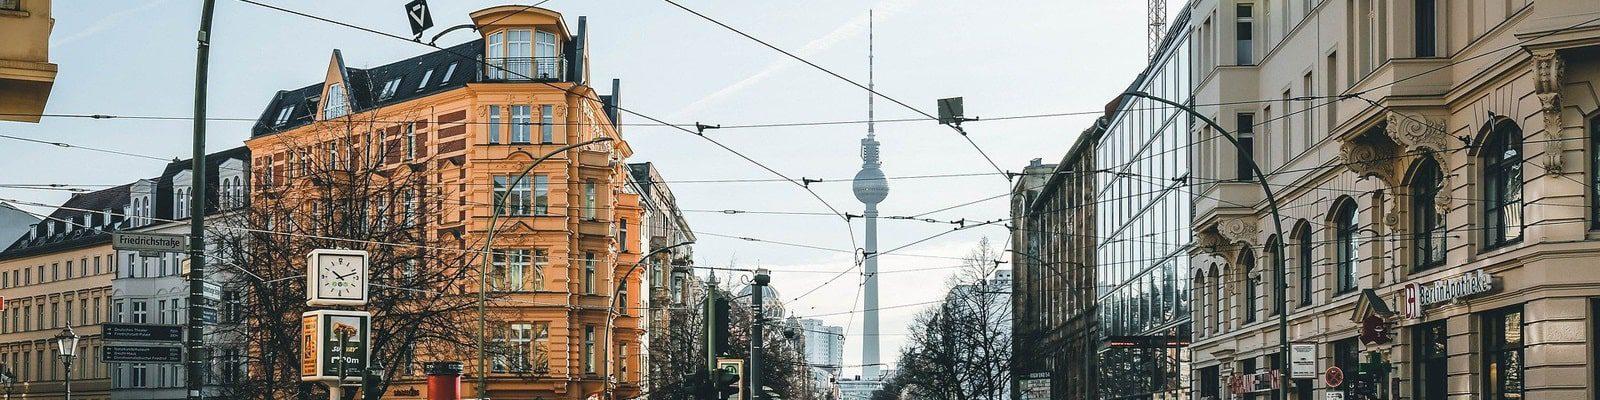 berlin_1600x400-min